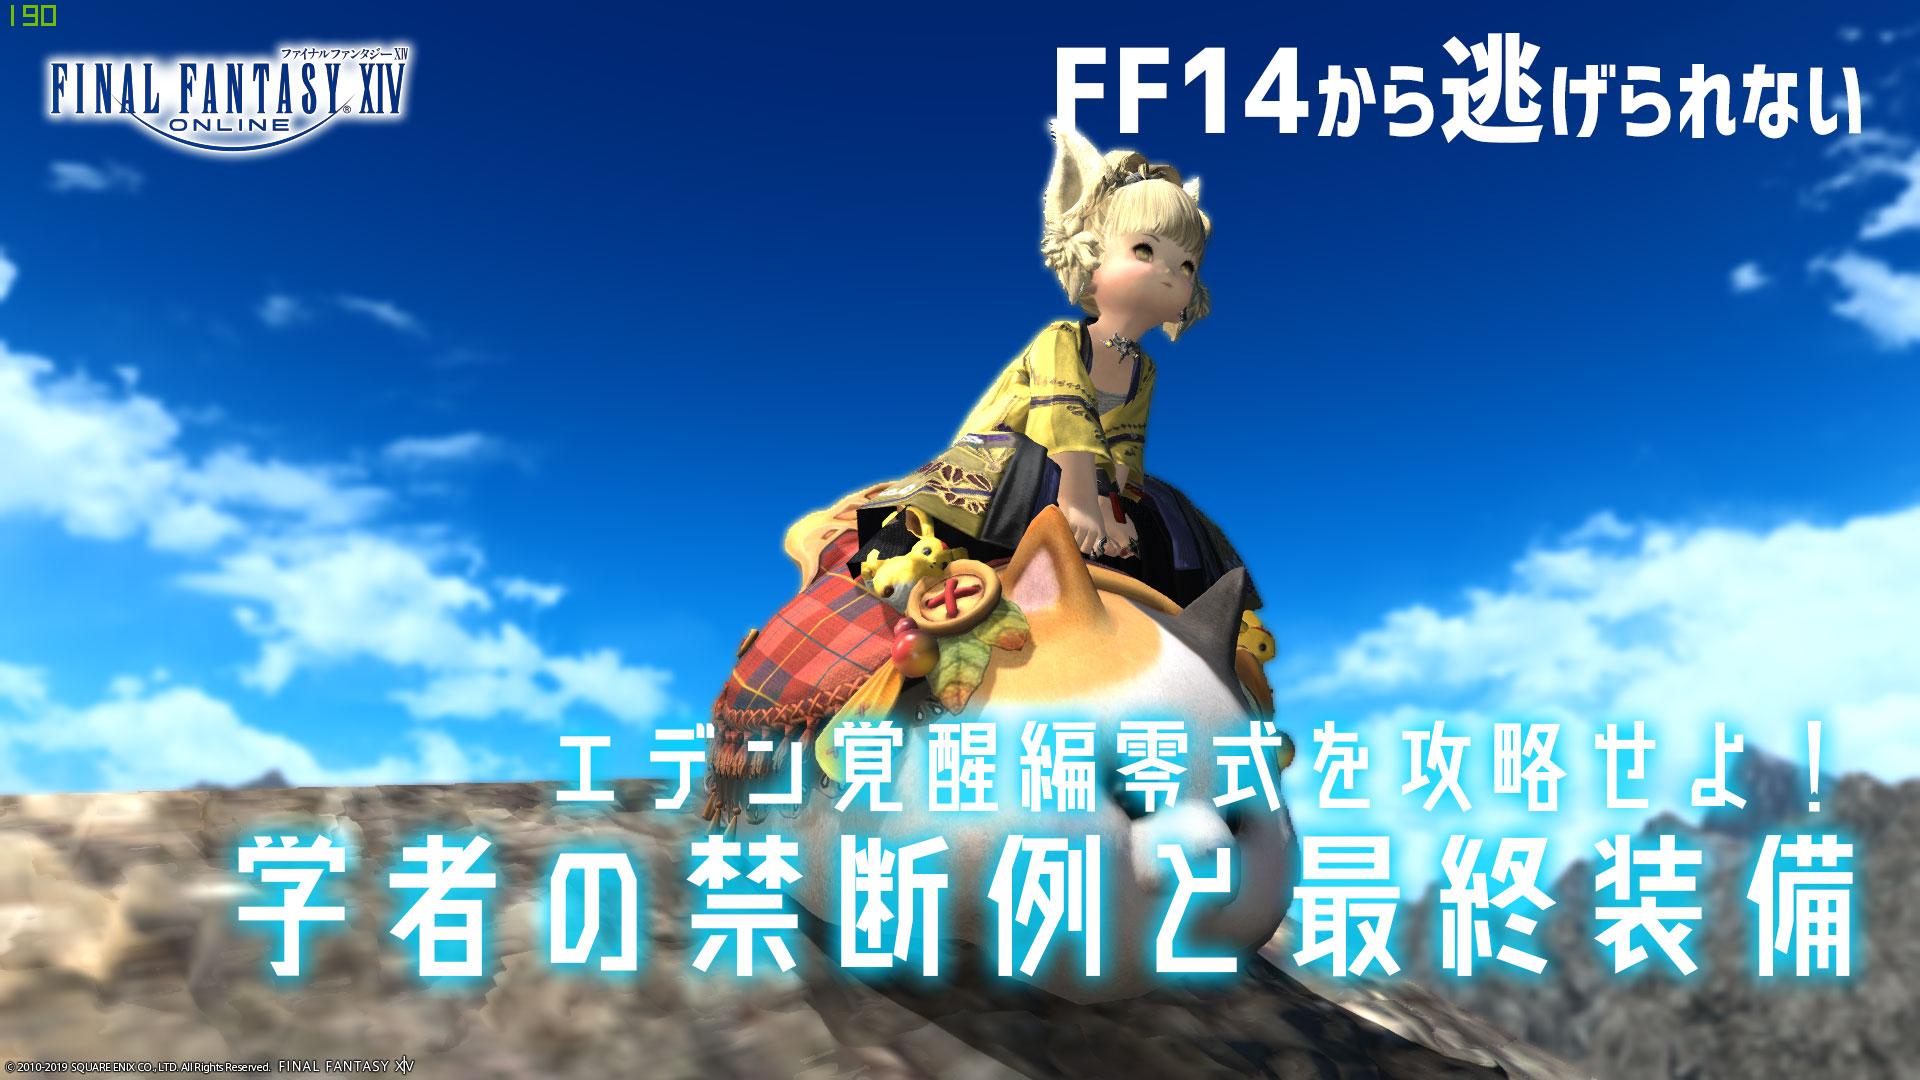 5.4 装備 ff14 最終